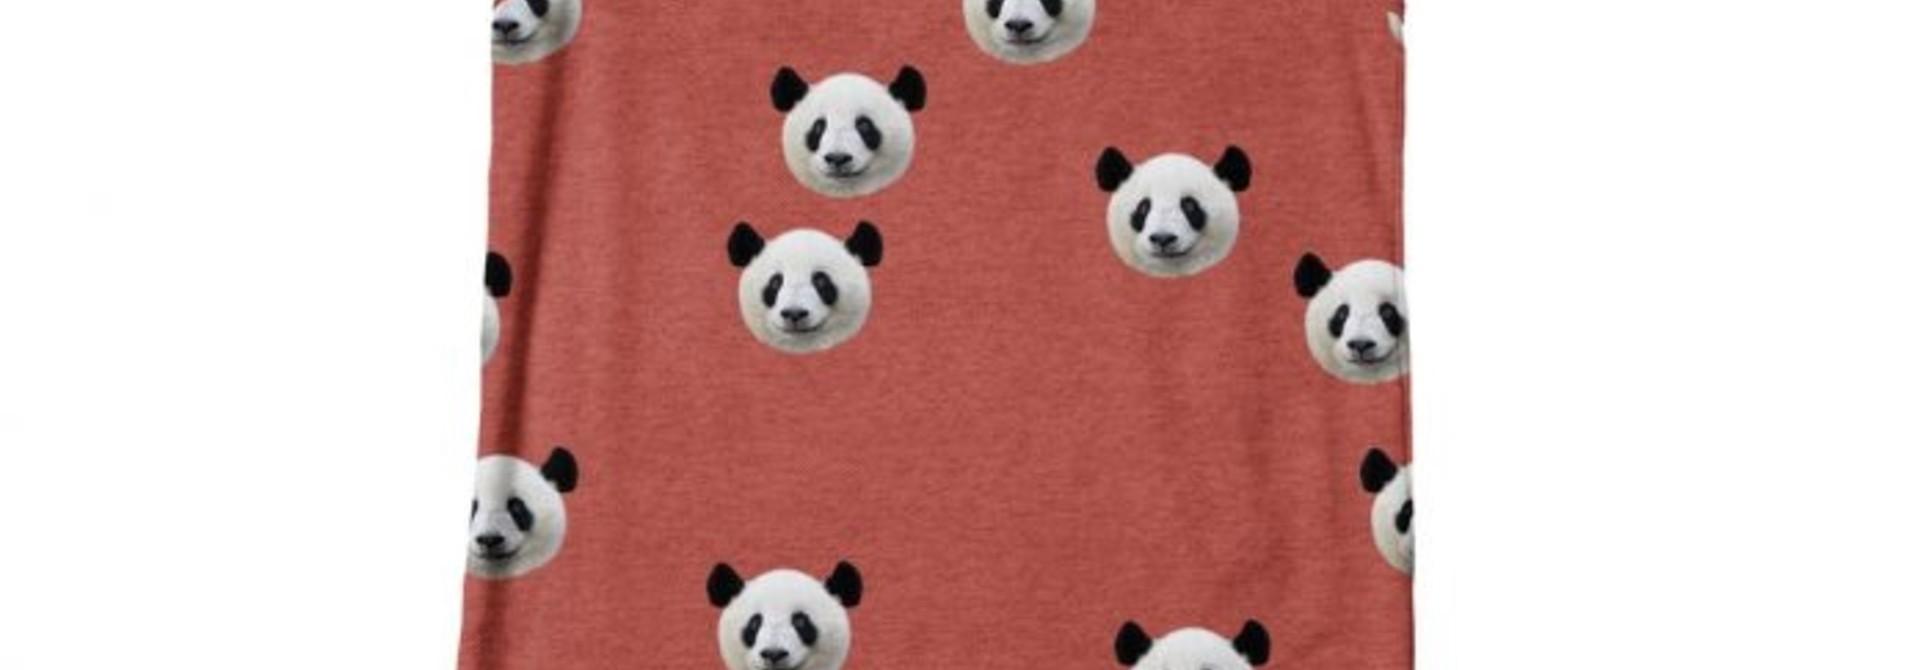 Tank - Cotton - Panda - Sm